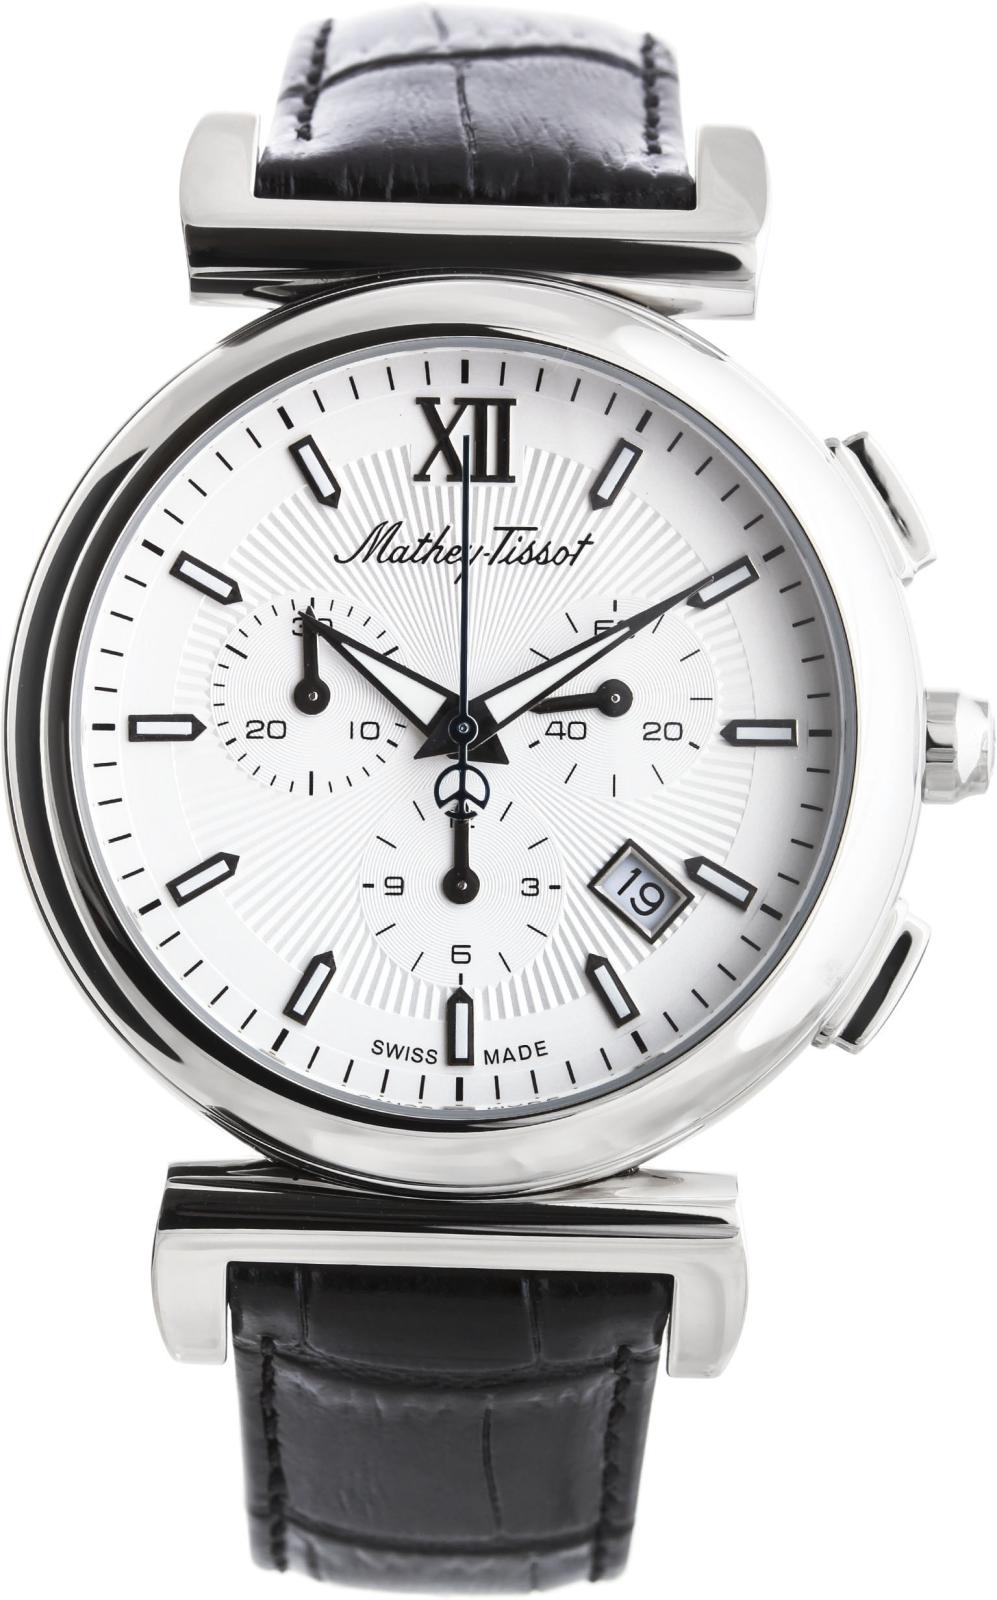 Mathey-Tissot Elegance H410PLIНаручные часы<br>Швейцарские часы Mathey-Tissot Elegance H410PLI<br><br>Пол: Мужские<br>Страна-производитель: Швейцария<br>Механизм: Кварцевый<br>Материал корпуса: Сталь<br>Материал ремня/браслета: Кожа<br>Водозащита, диапазон: None<br>Стекло: Сапфировое<br>Толщина корпуса: 10 мм<br>Стиль: None